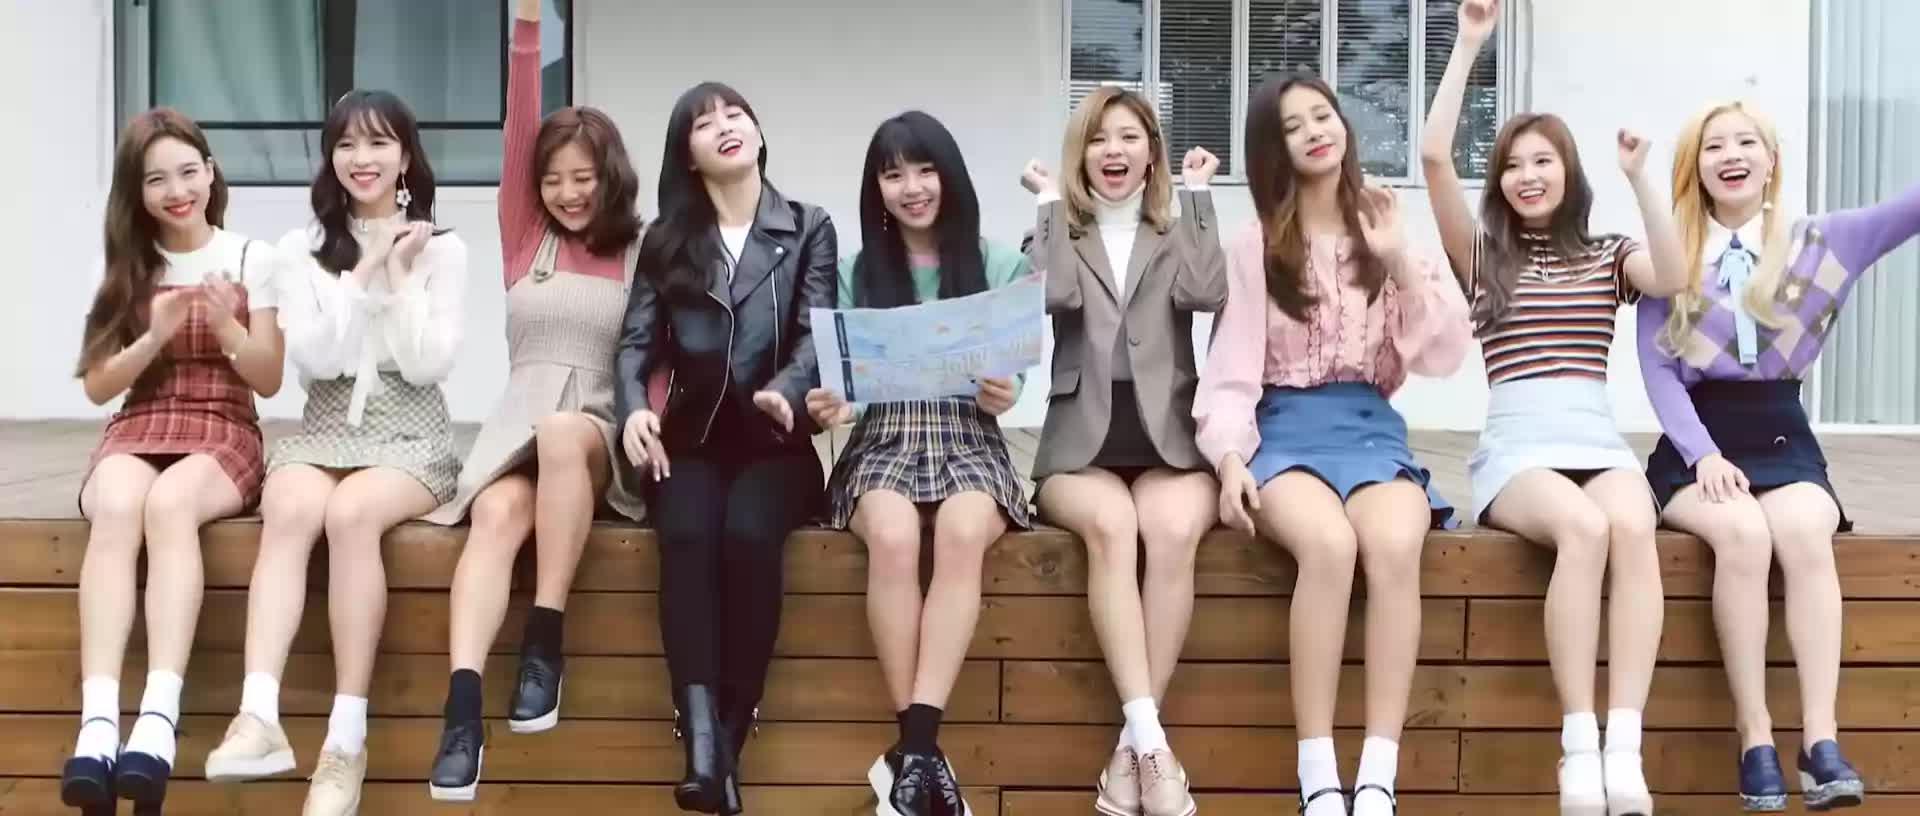 Twice, celebs, dahyun, kpop, Twice GIFs